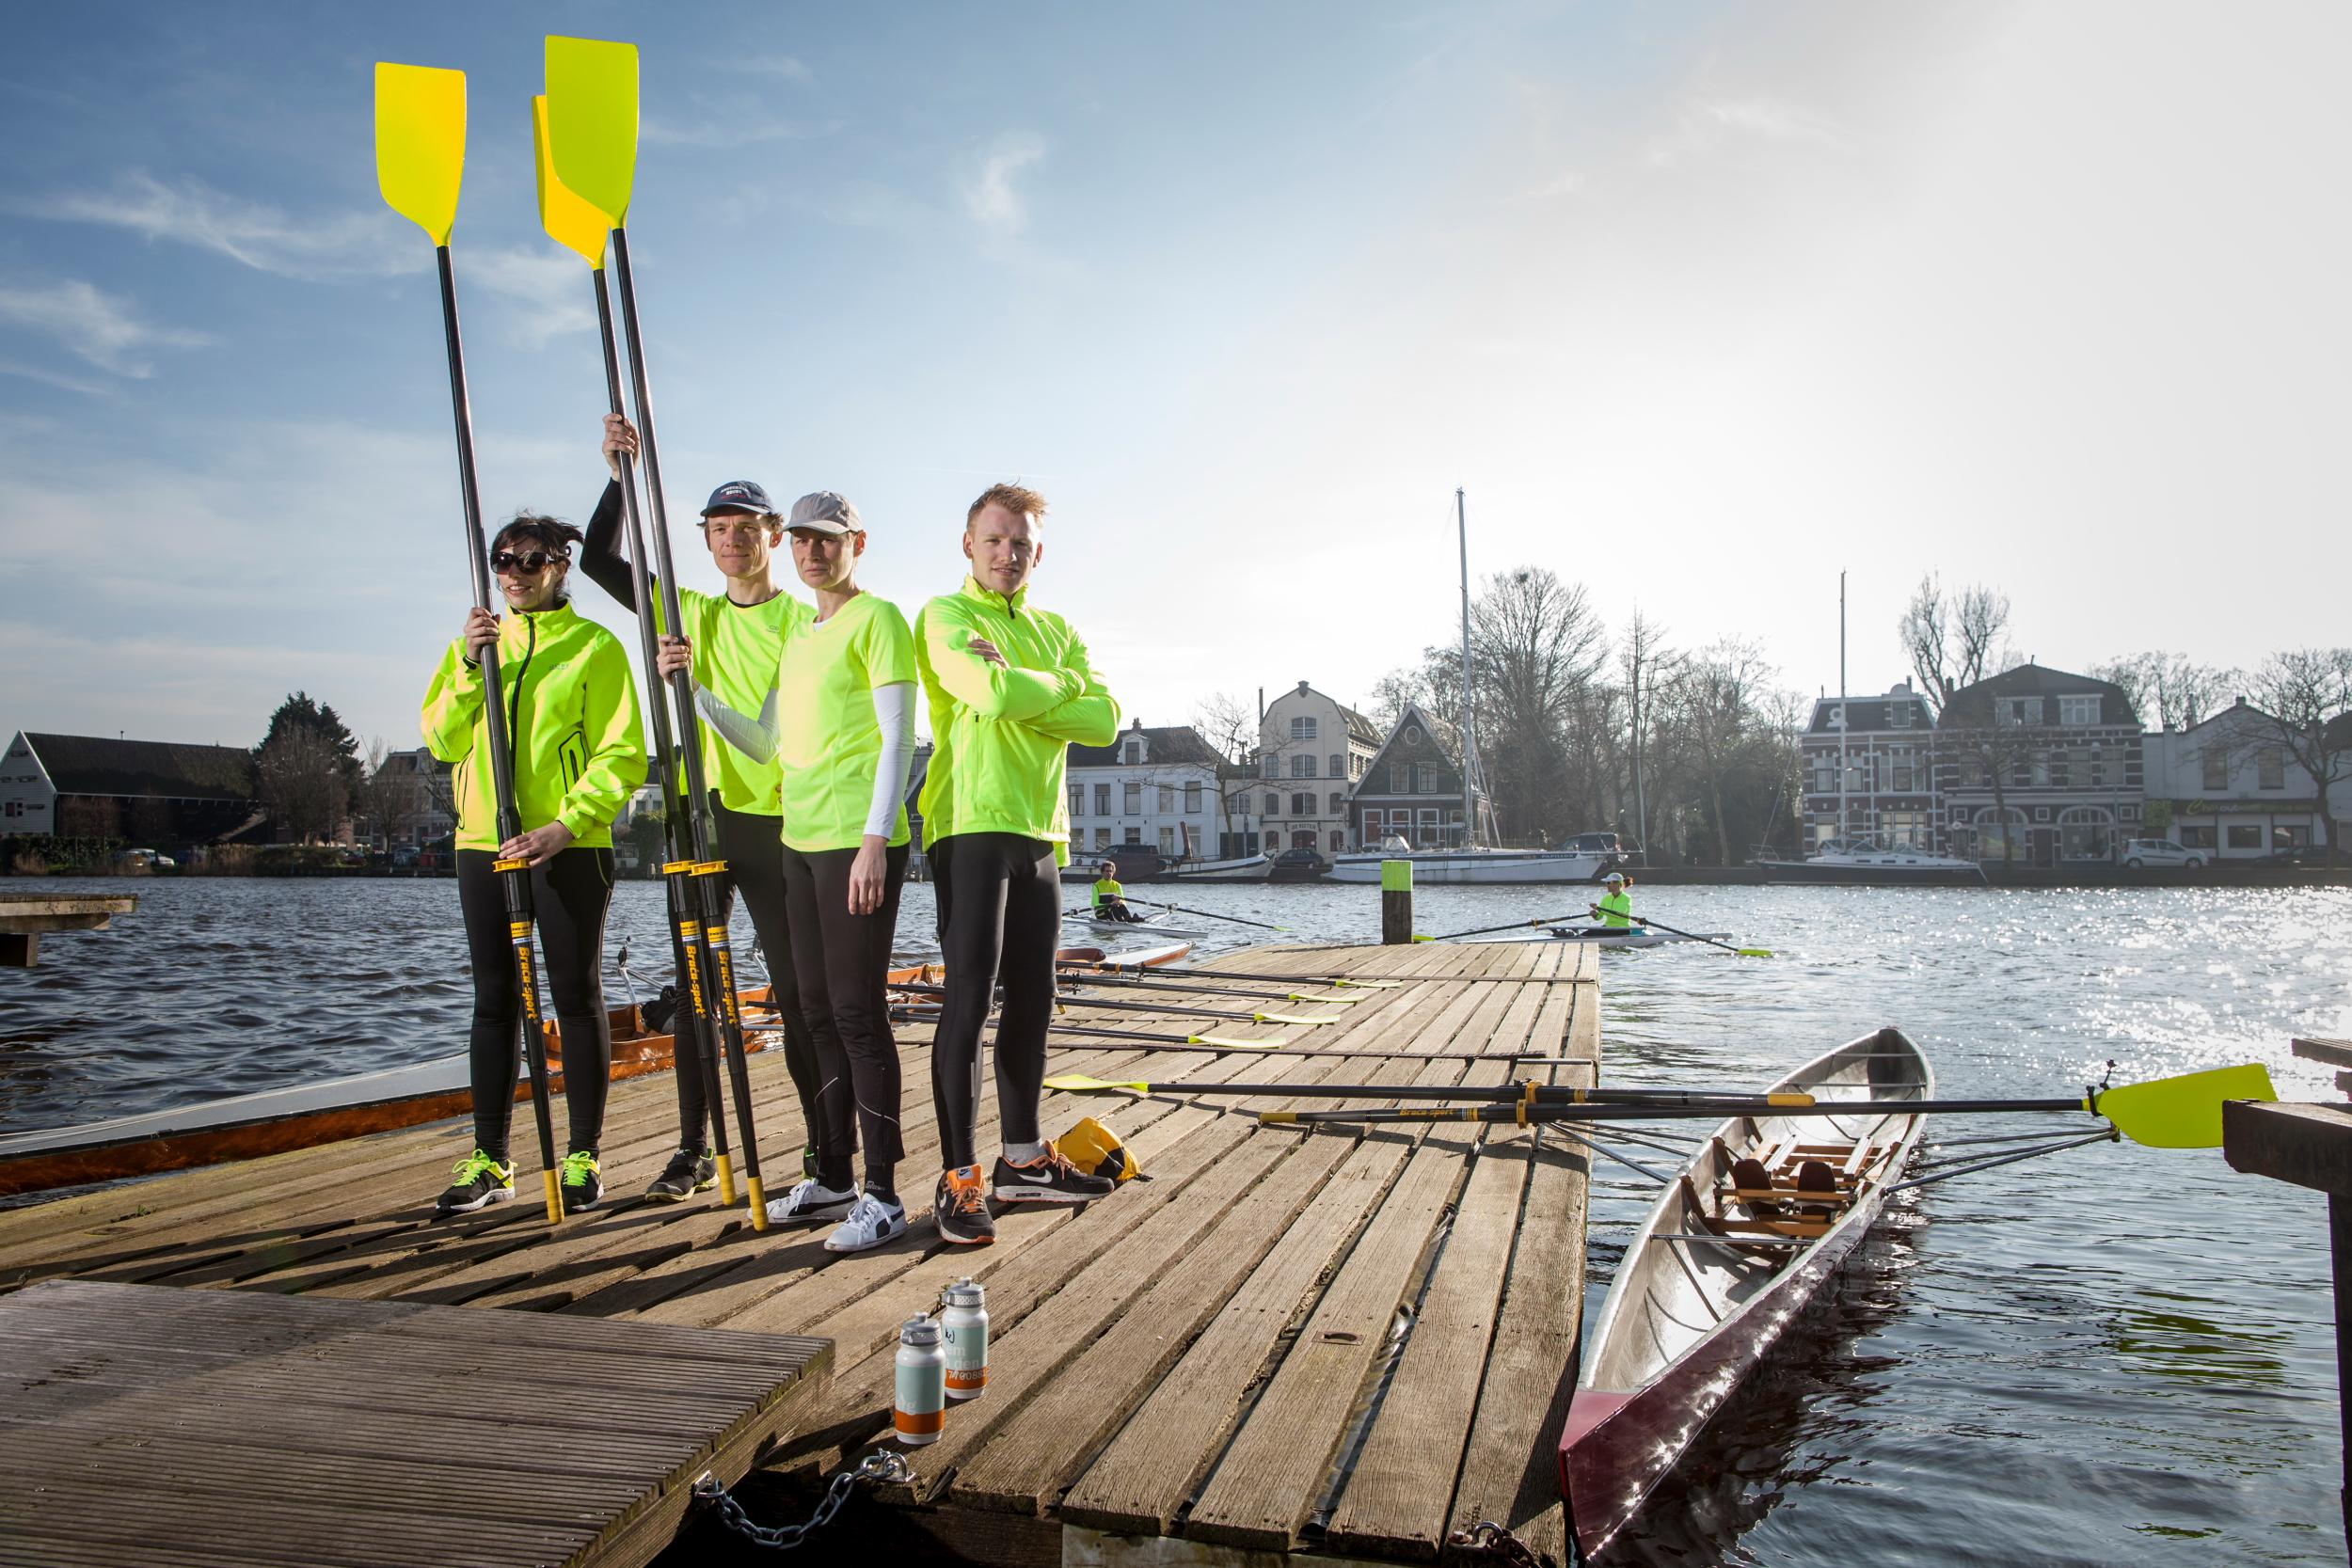 Veiligheid op het water heeft bij Zaankanaries hoge prioriteit. Vandaar de fluorescerend gele shirts en riemen. (Foto: Zaankanaries)